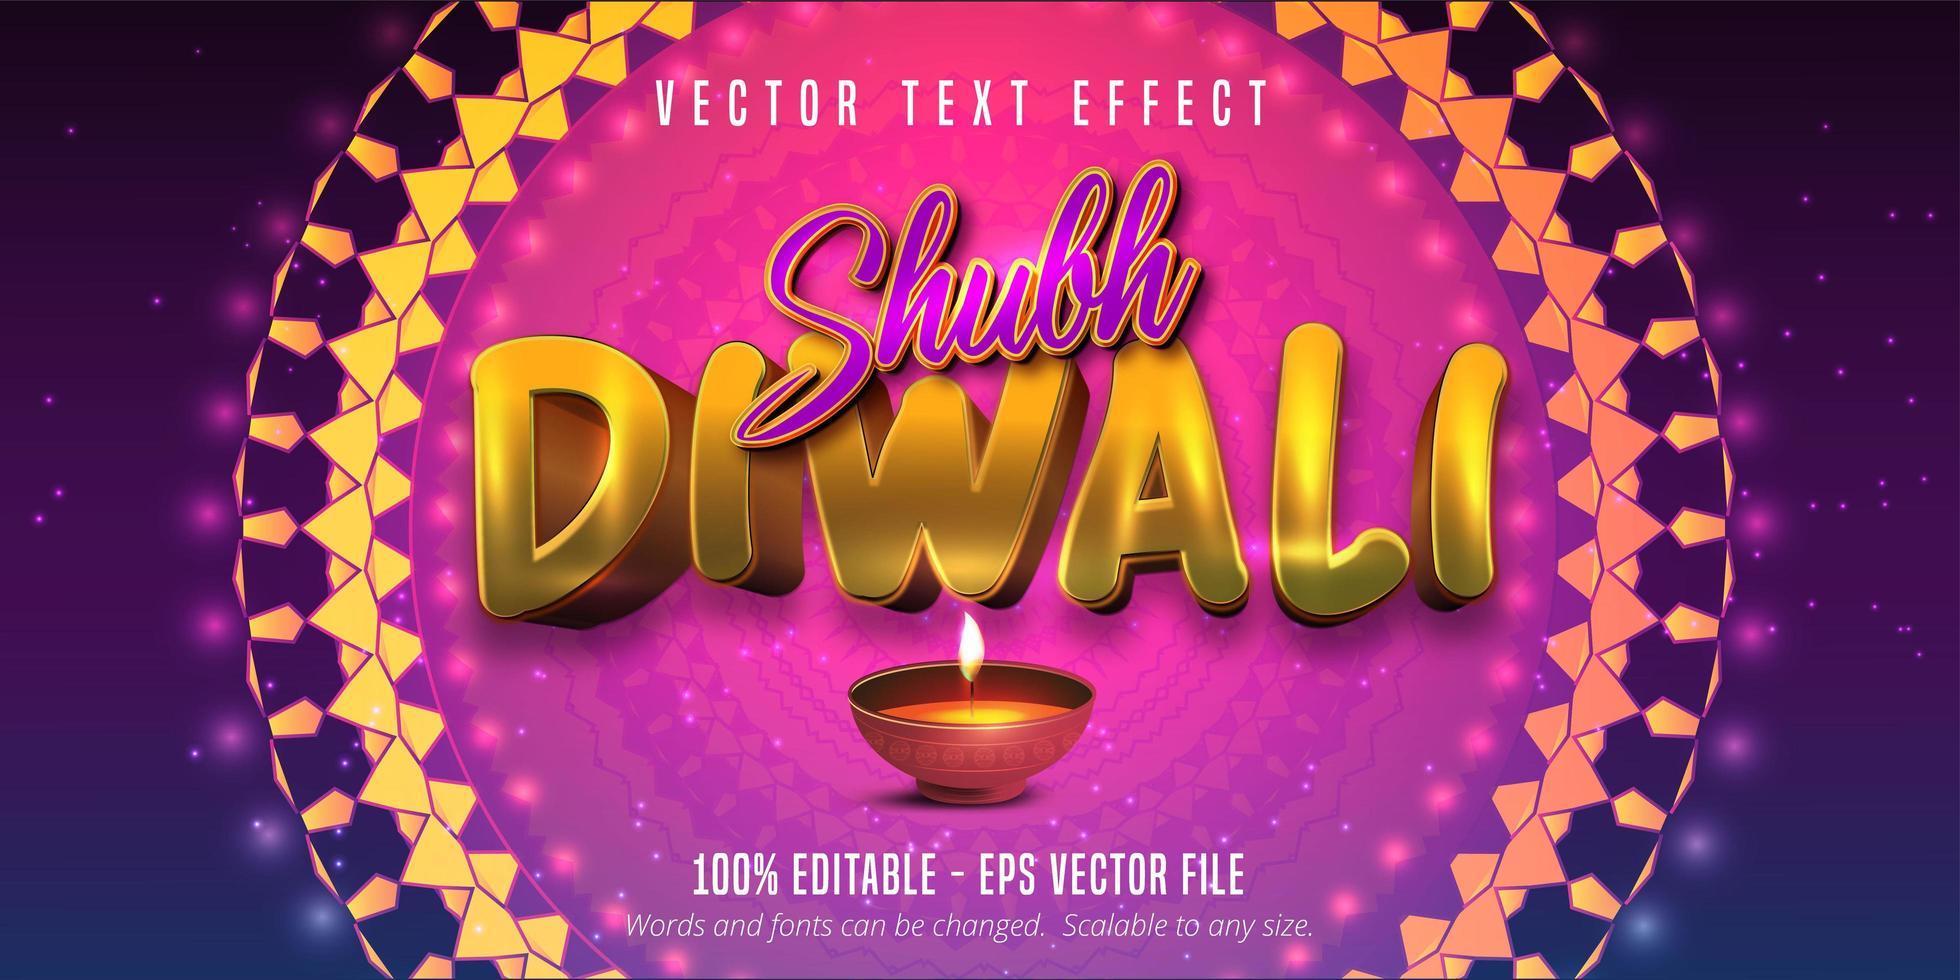 testo shubh diwali, effetto di testo modificabile in stile tradizionale vettore